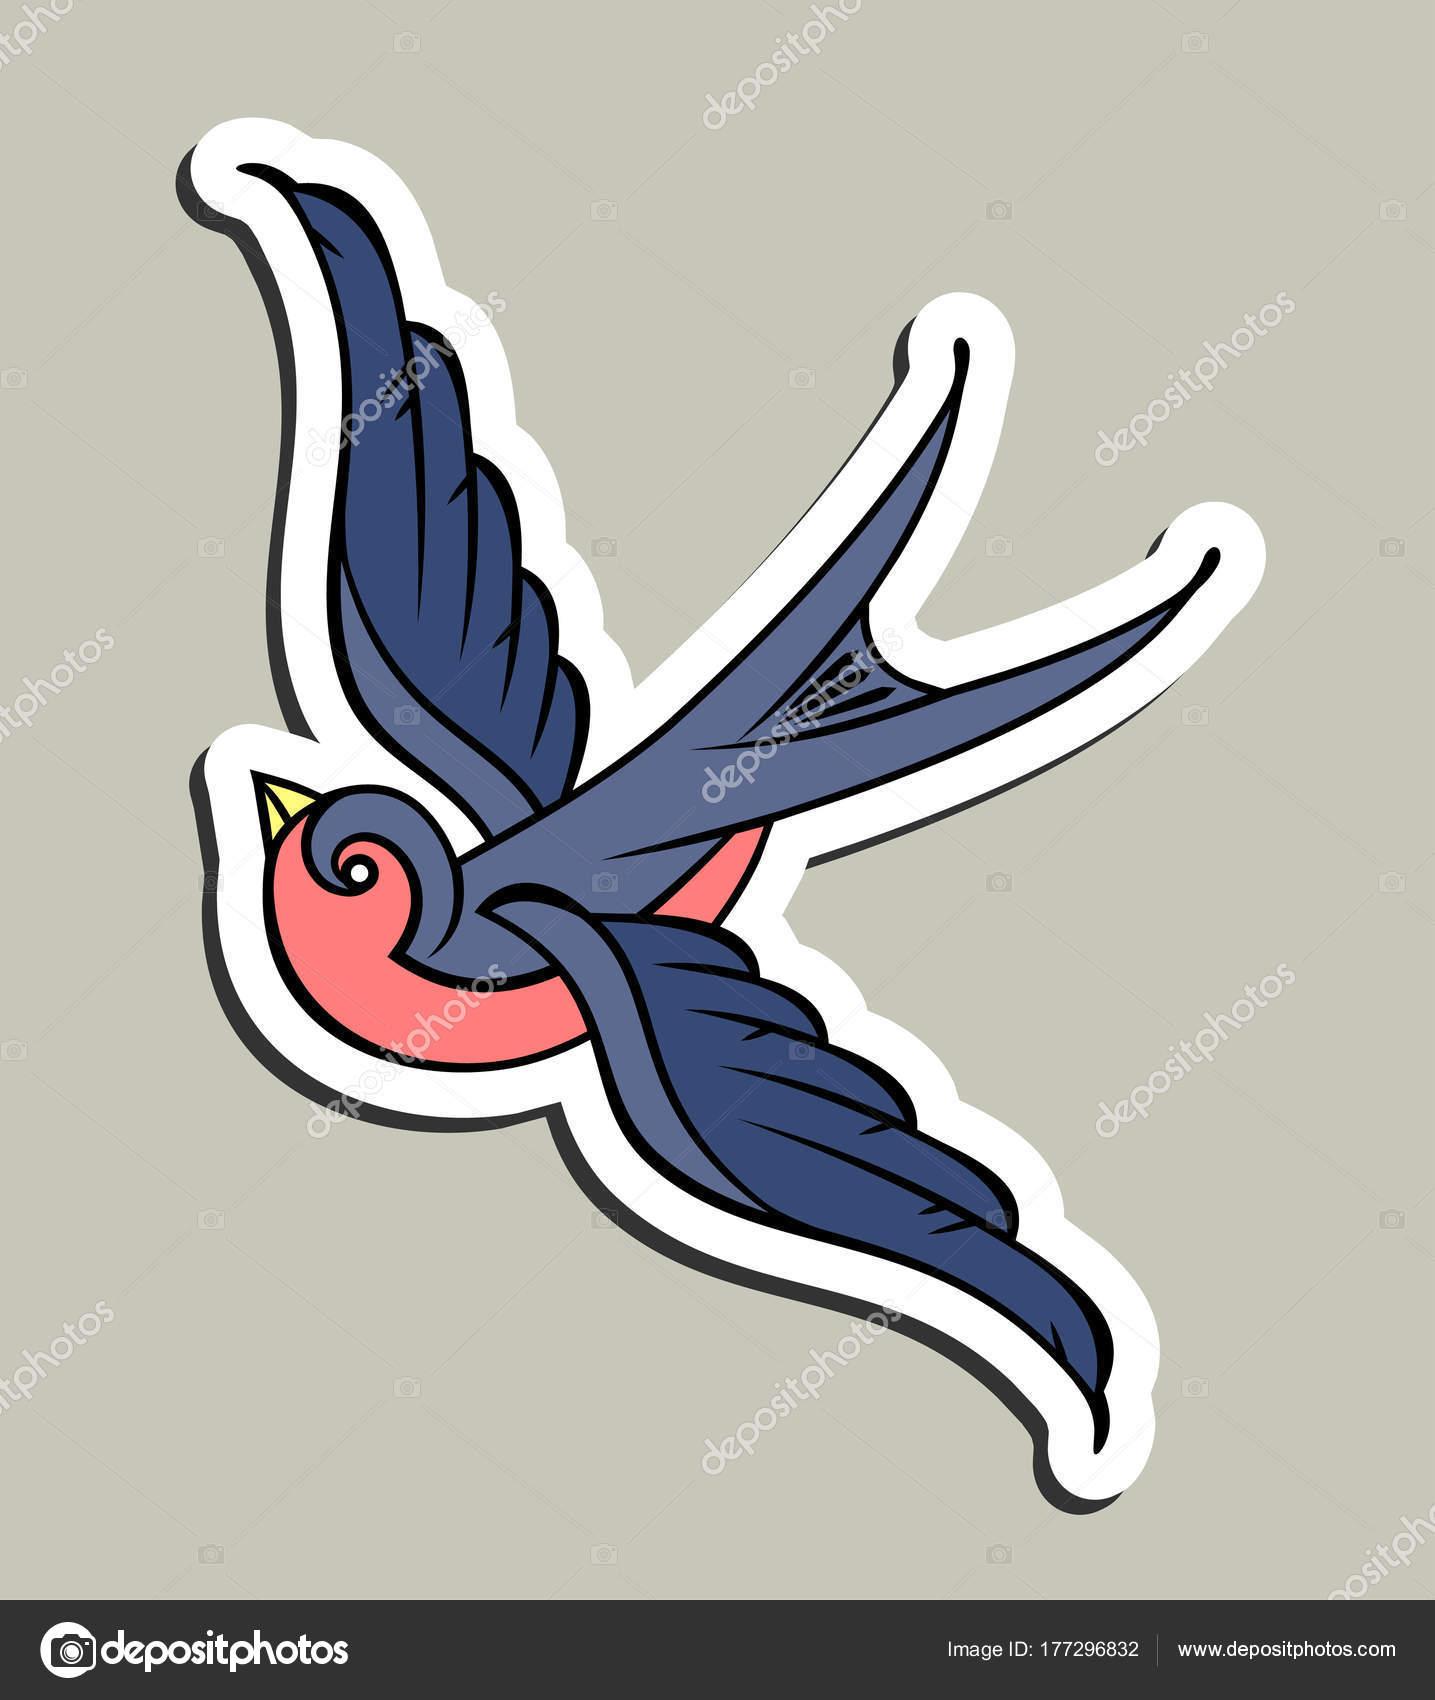 Zwaluwen Old School Tattoo Stijl Stockvector Imagoaiva 177296832